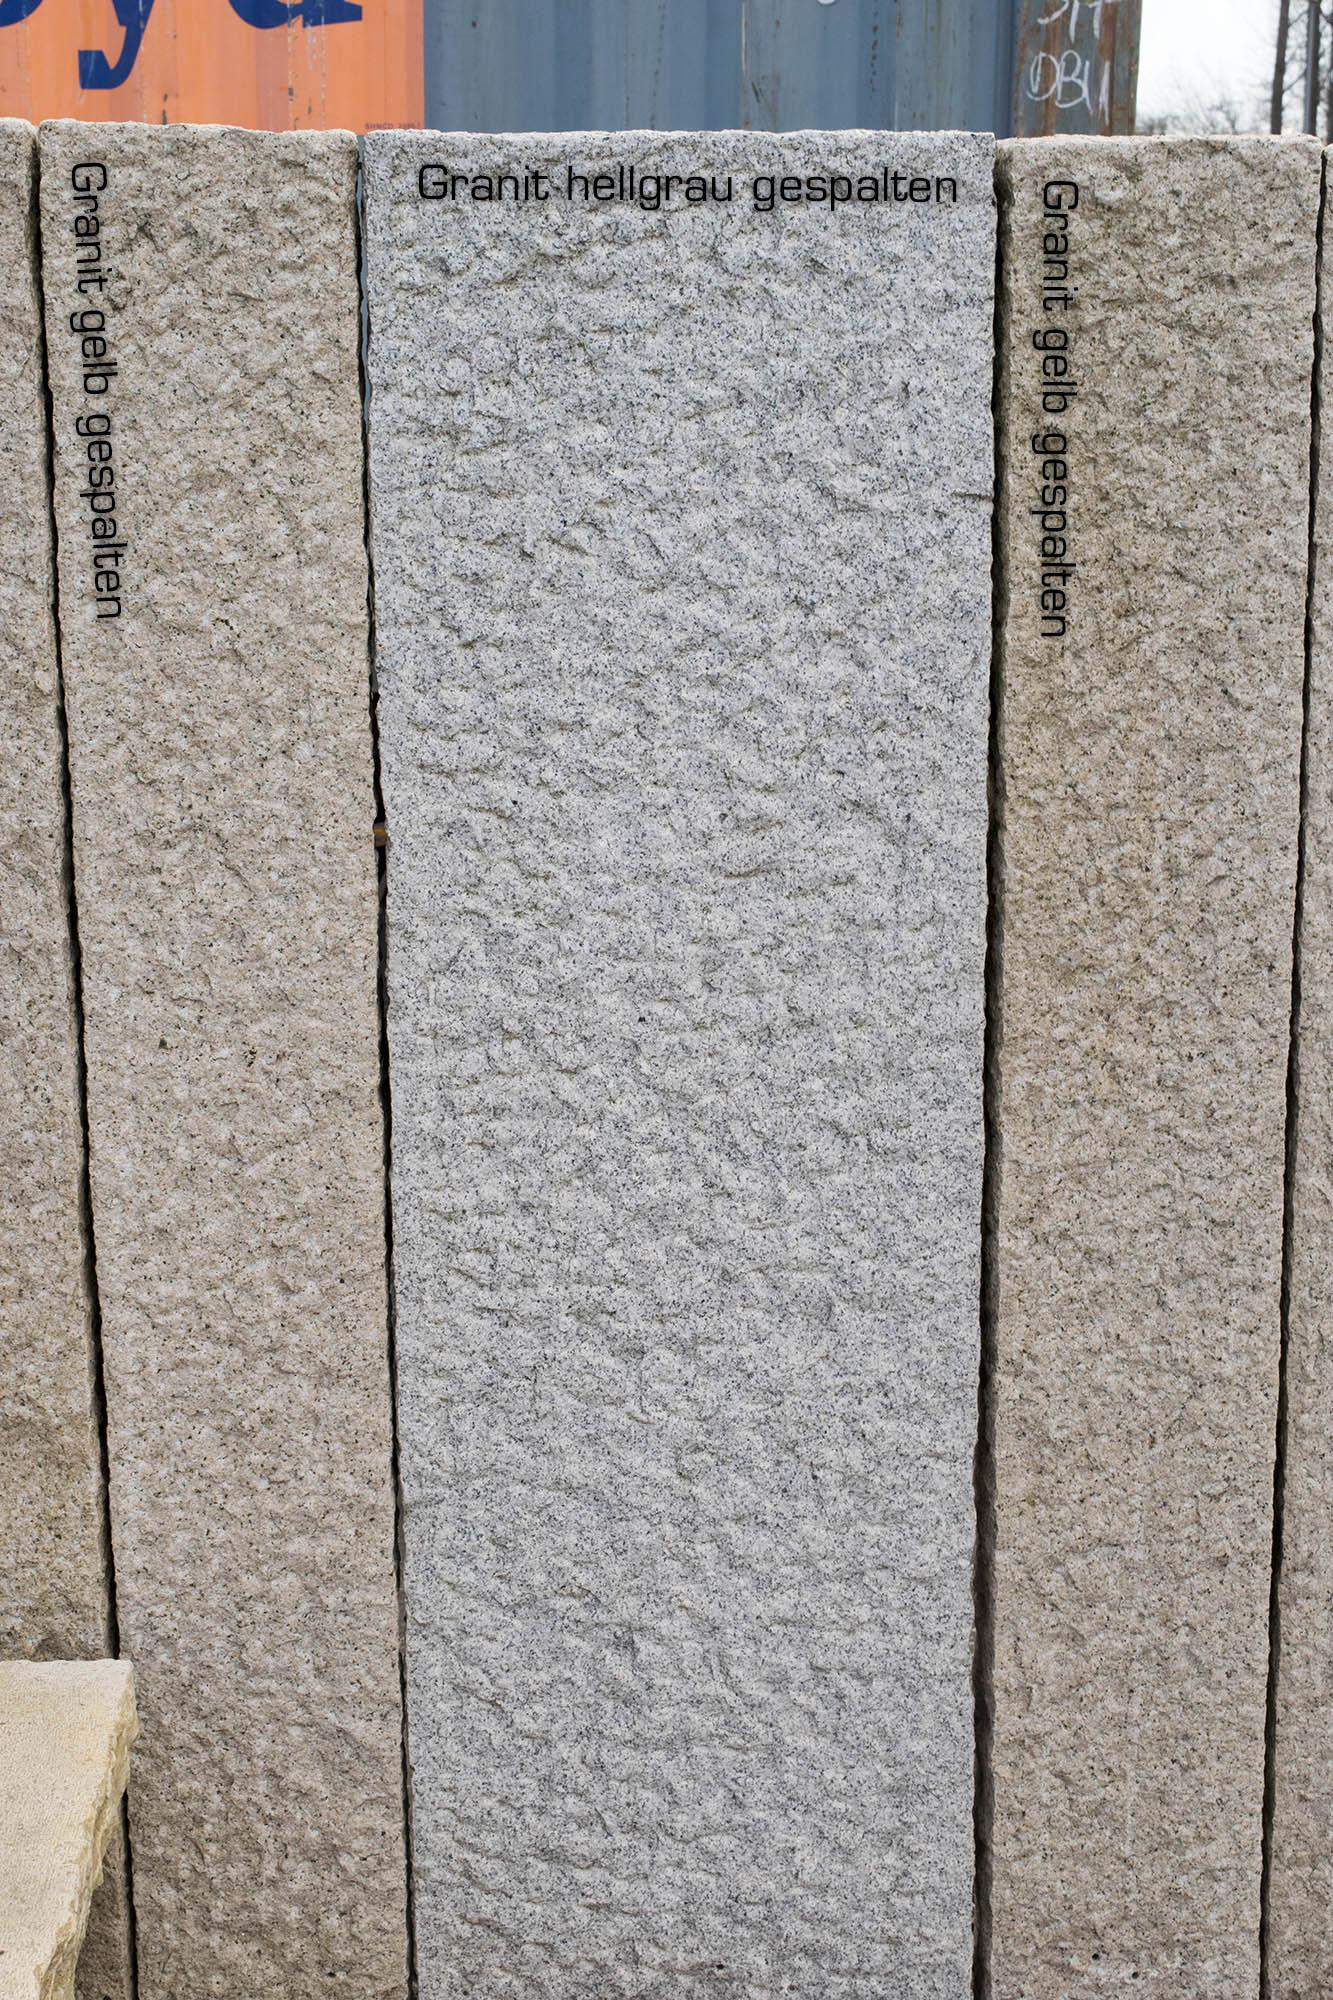 palisaden granit gelb grau konisch 10 12x12 cm gespalten. Black Bedroom Furniture Sets. Home Design Ideas